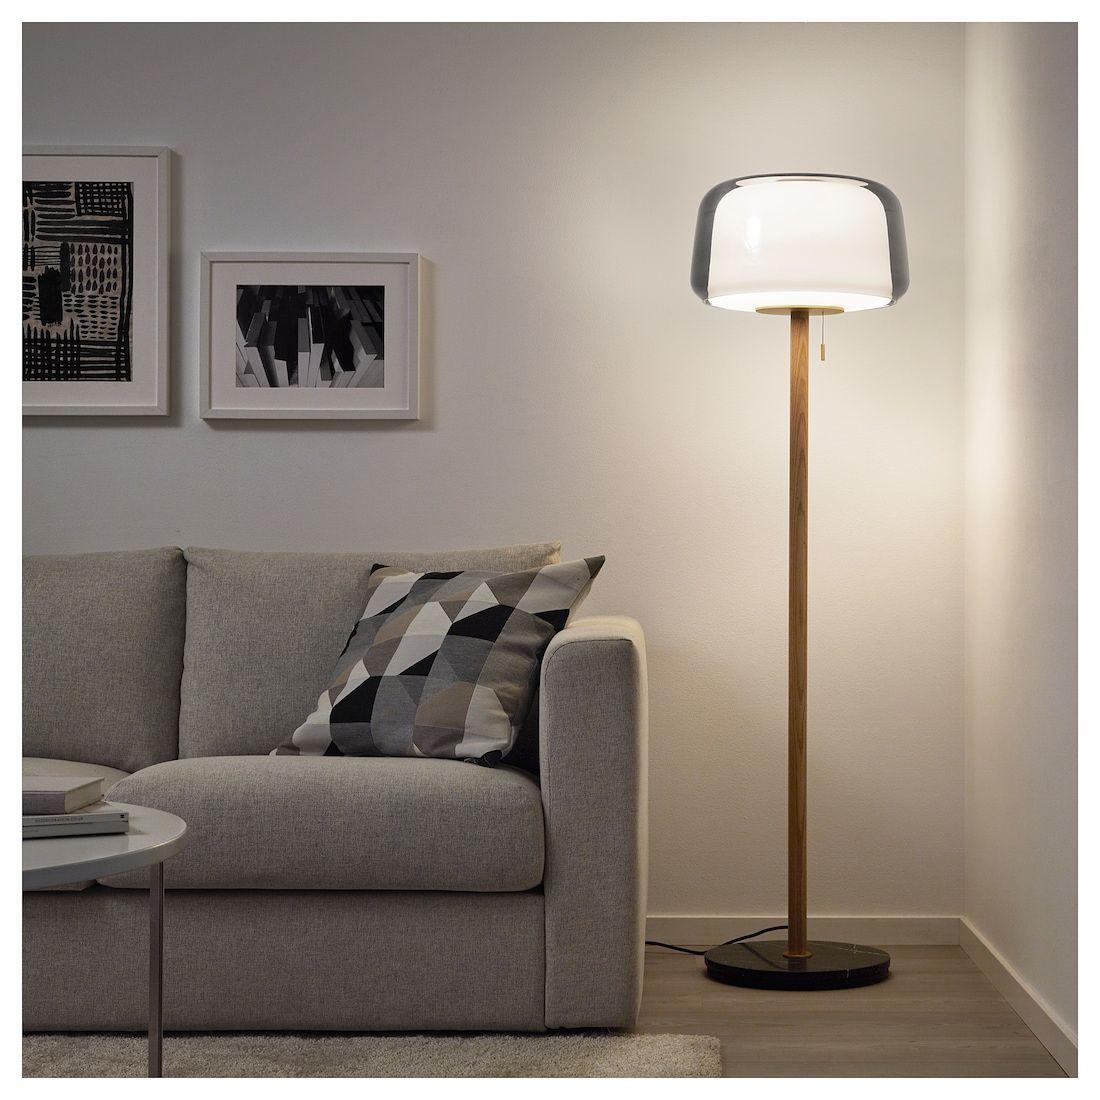 Full Size of Ikea Küche Kosten Stehlampen Wohnzimmer Sofa Mit Schlaffunktion Miniküche Stehlampe Schlafzimmer Modulküche Betten 160x200 Kaufen Bei Wohnzimmer Stehlampe Ikea